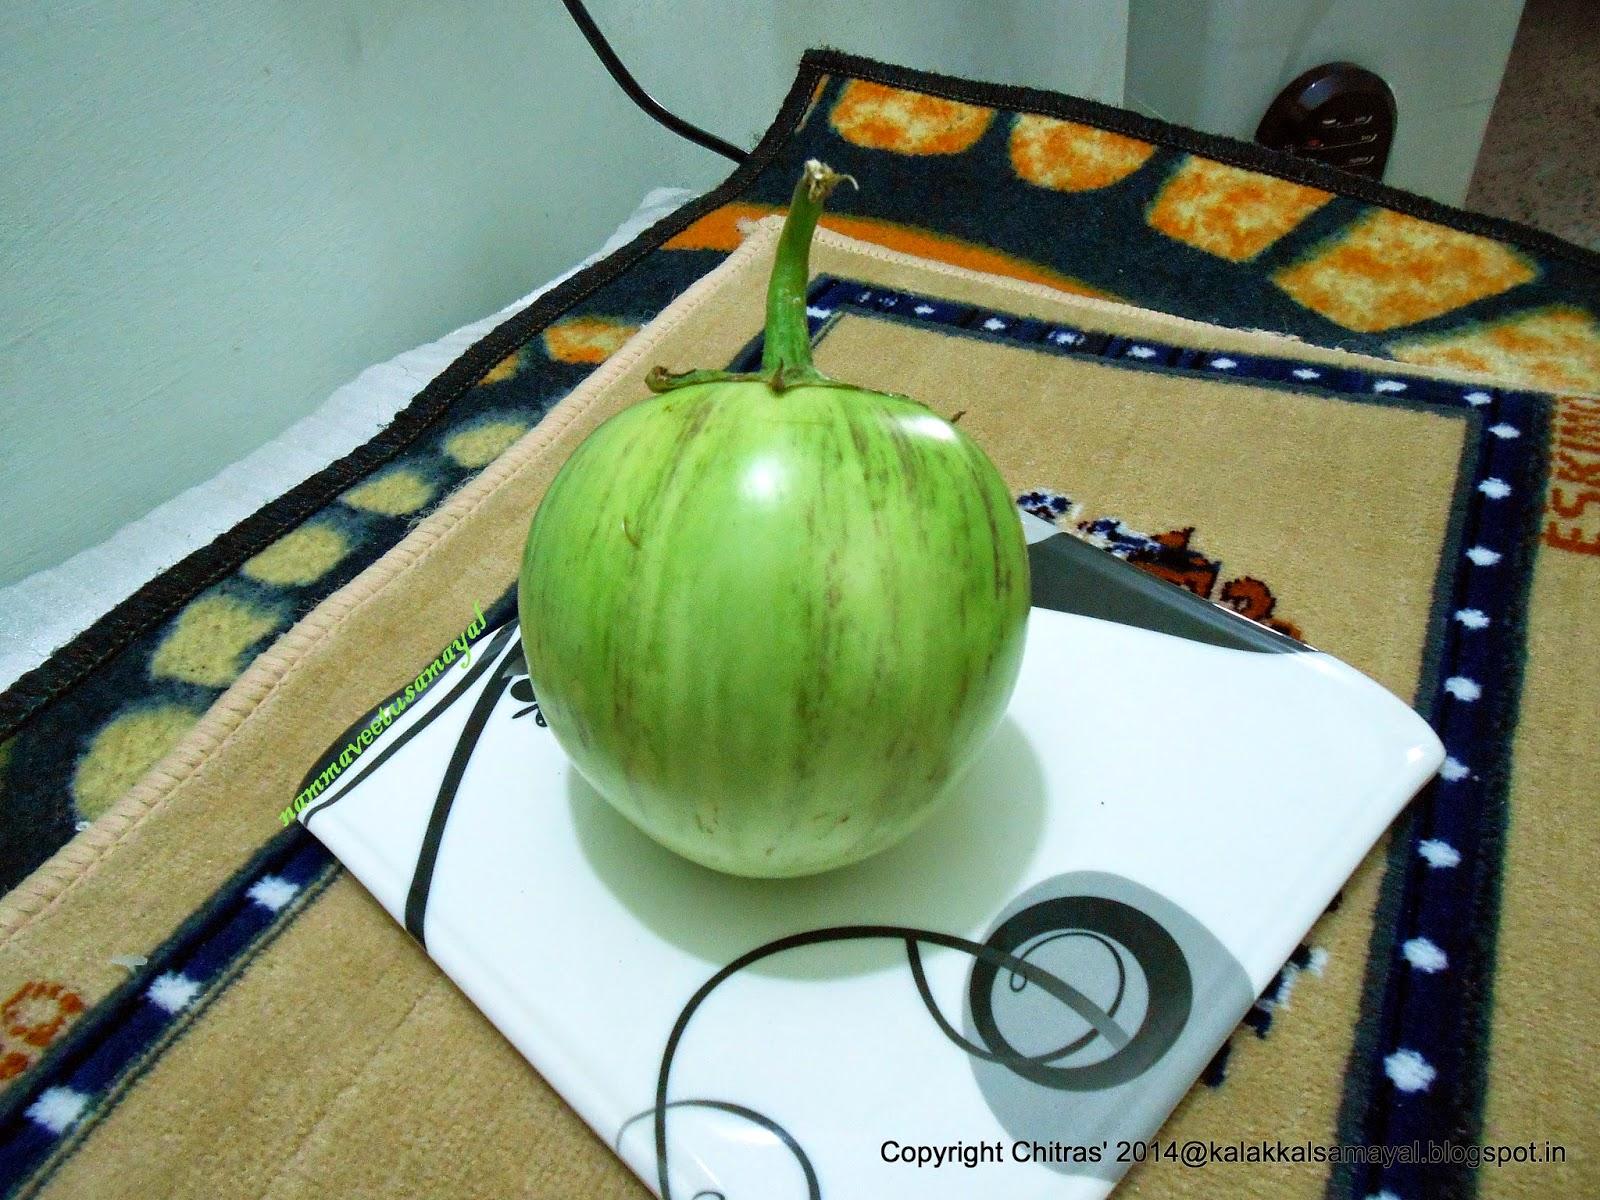 Katharikkai [aubergine or egg plant or brinjal ]